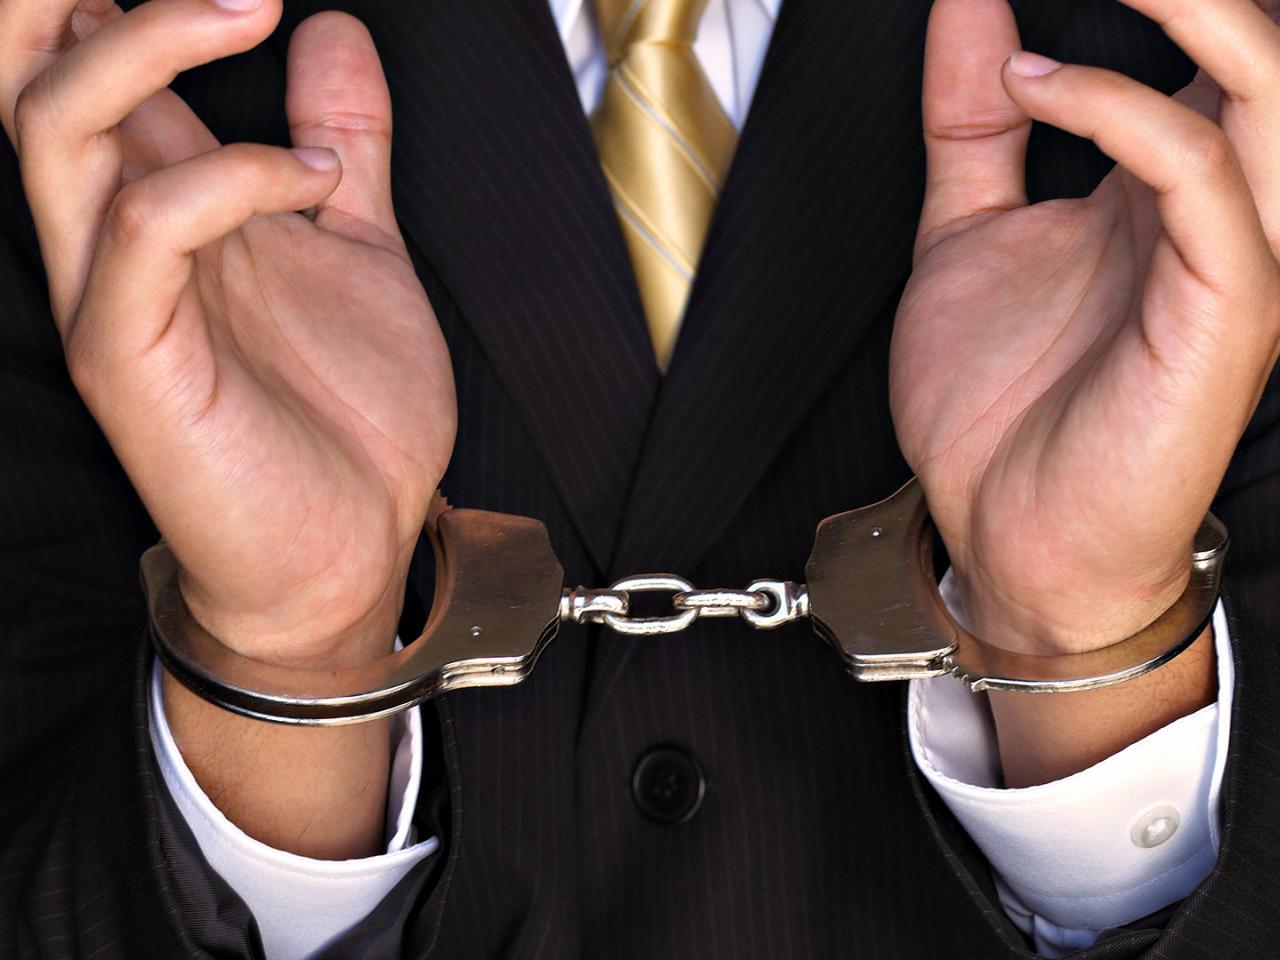 В Крыму трех полицейских подозревают во взятке в размере 1,6 млн. рублей